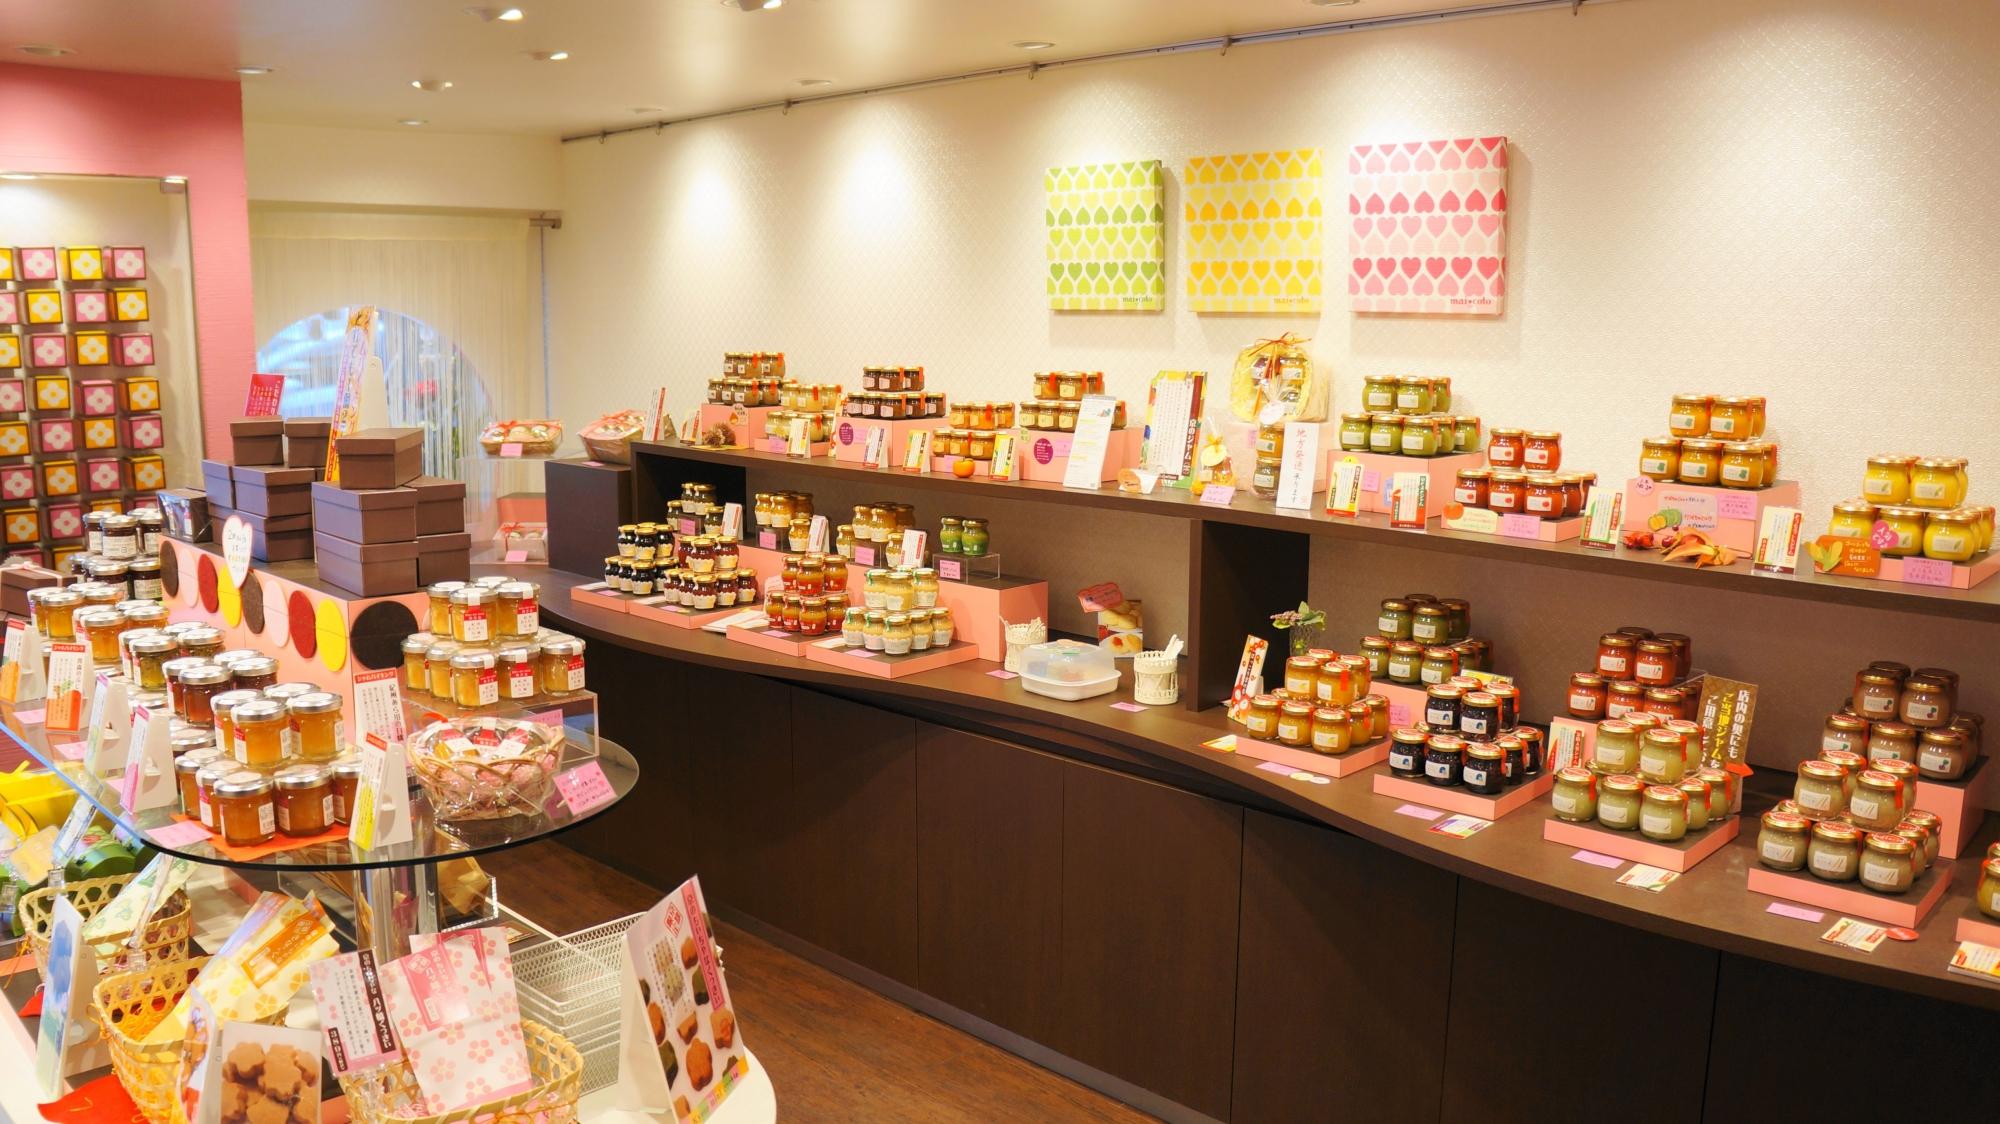 祇園のクッキーとジャムの専門店のmaicoto(マイコト)店内